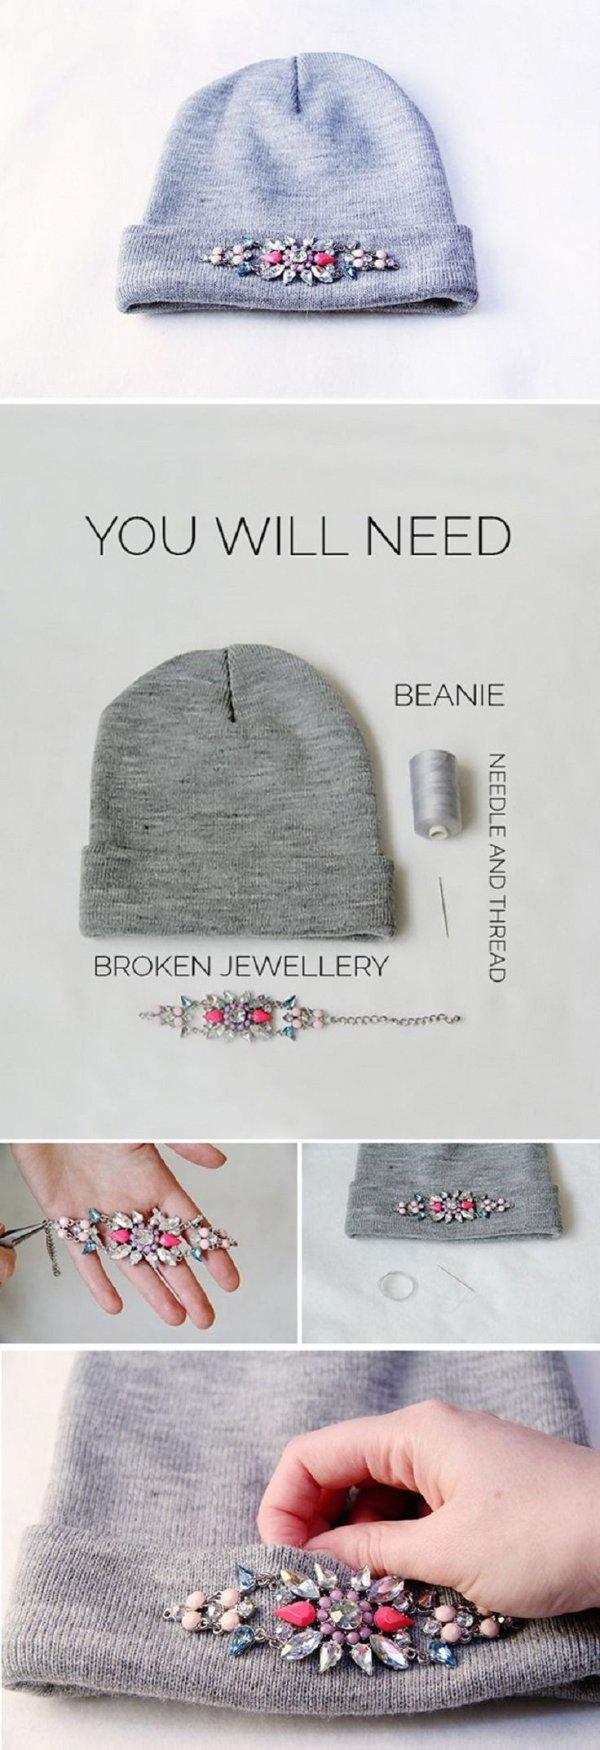 Beanie + Broken Jewelry = Magic